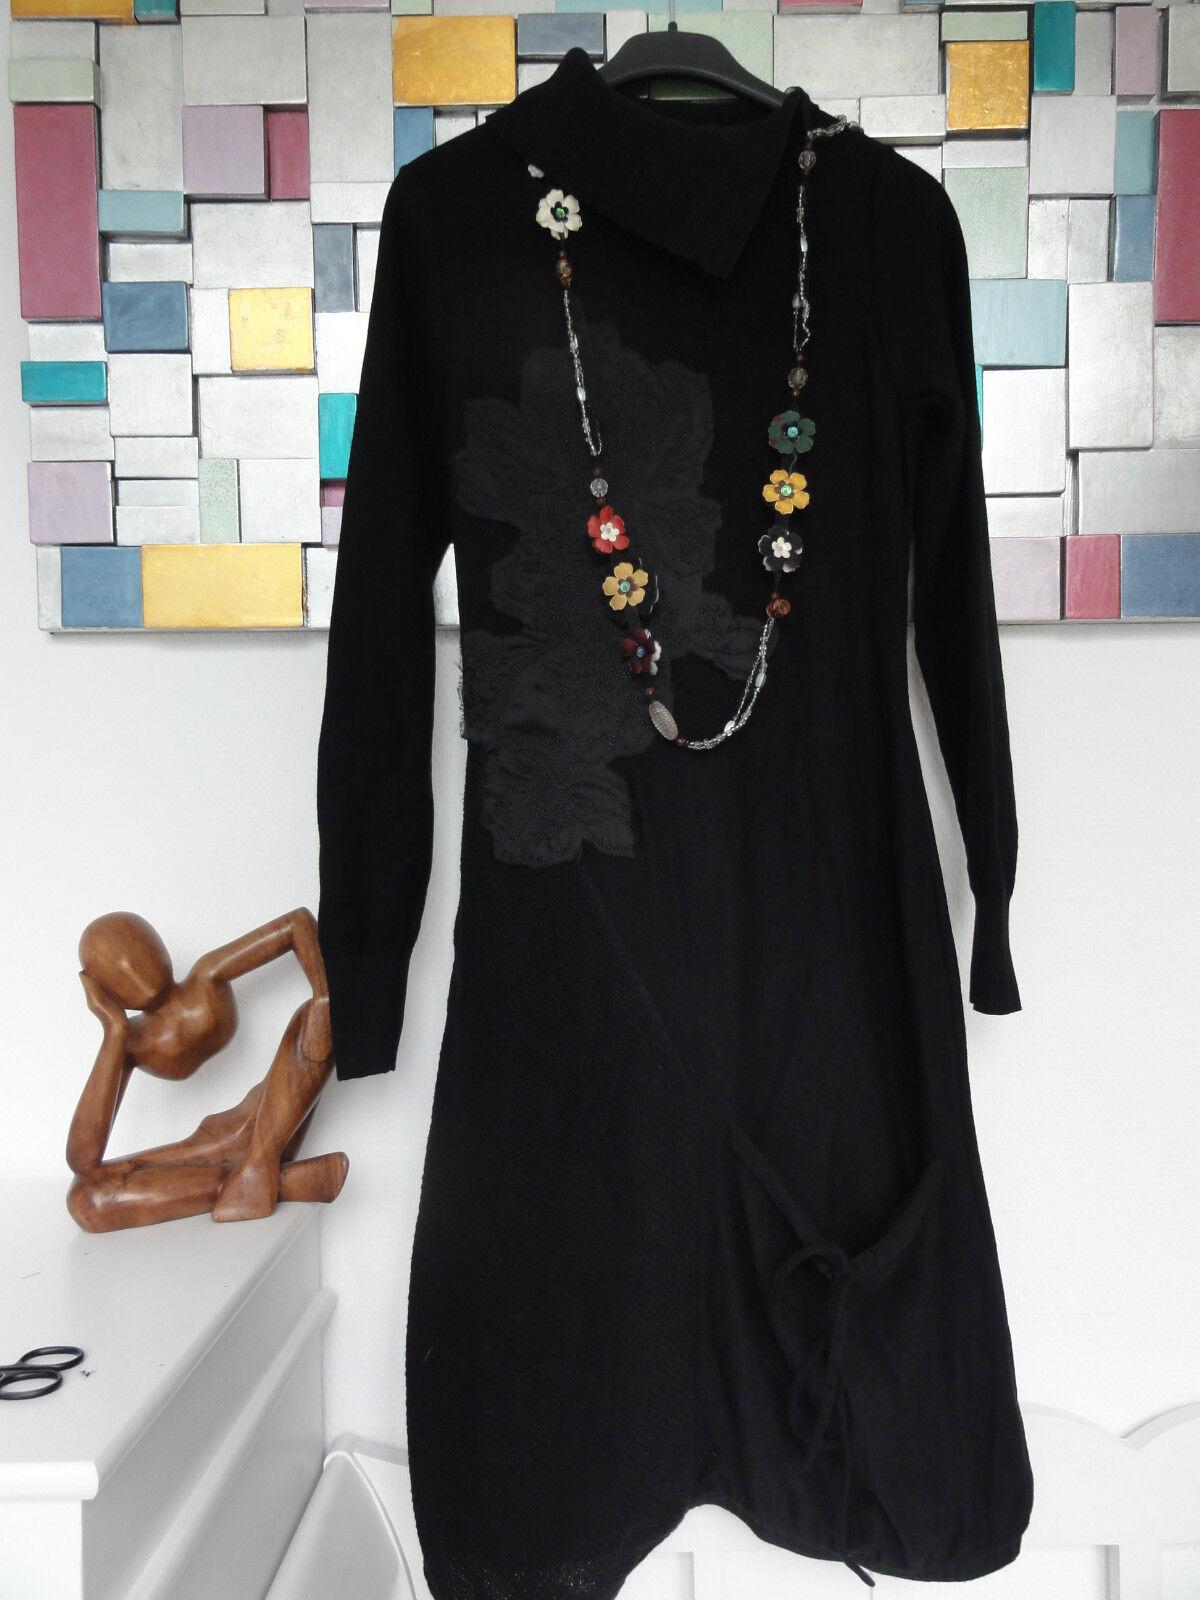 TUZZI Strickkleid Kleid Schwarz in Ballonform Gr. 36 38 100% Baumwolle       S31